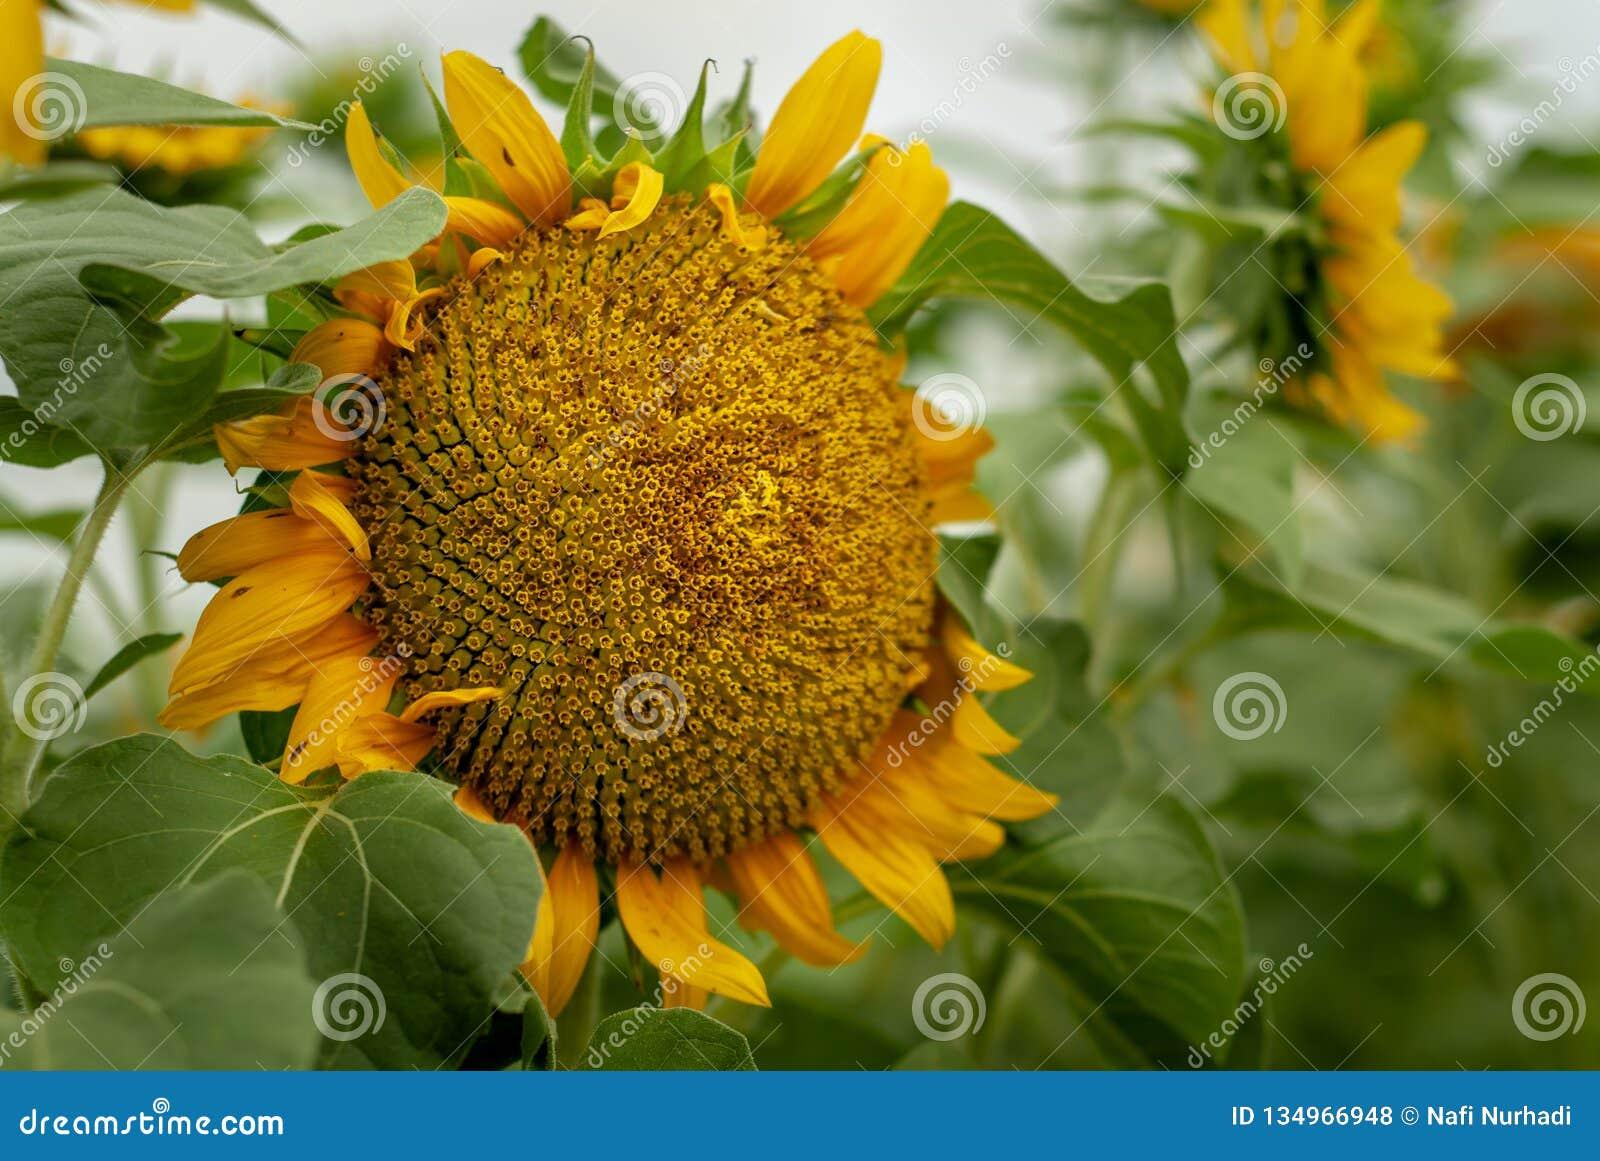 Oavkortad blom för ljusa gula solrosor